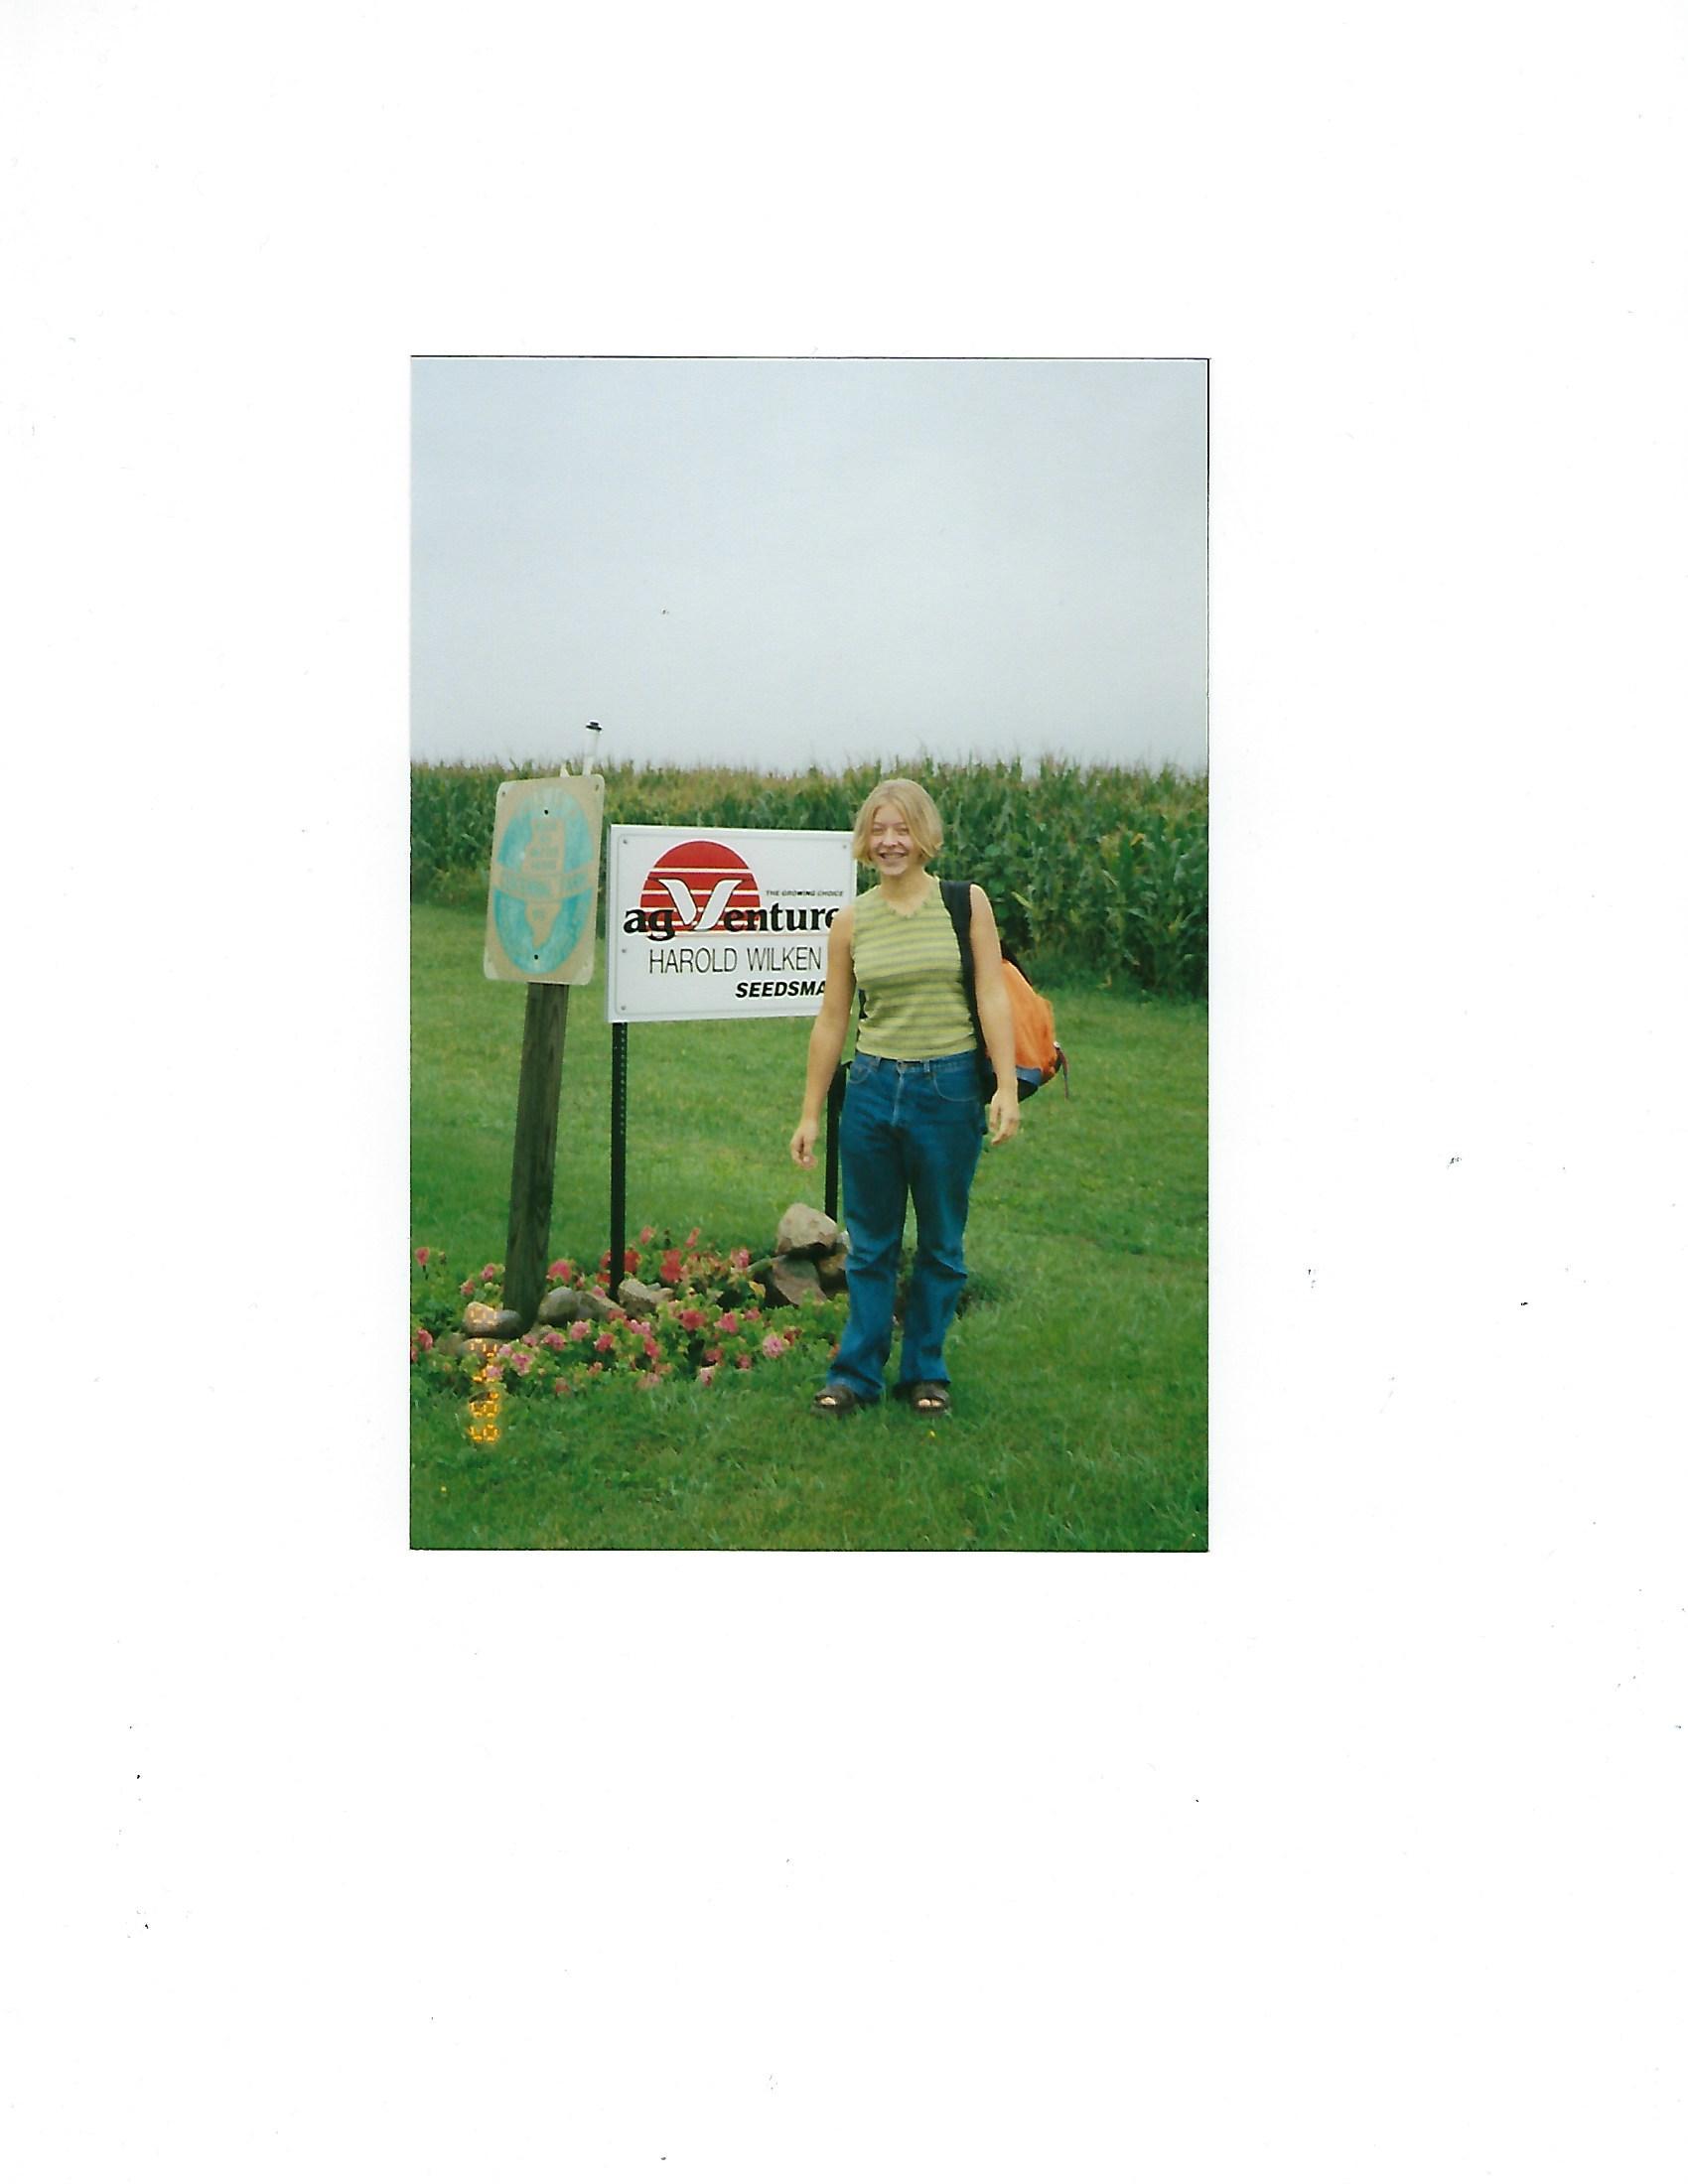 Janie 1st day of school 1999.jpg